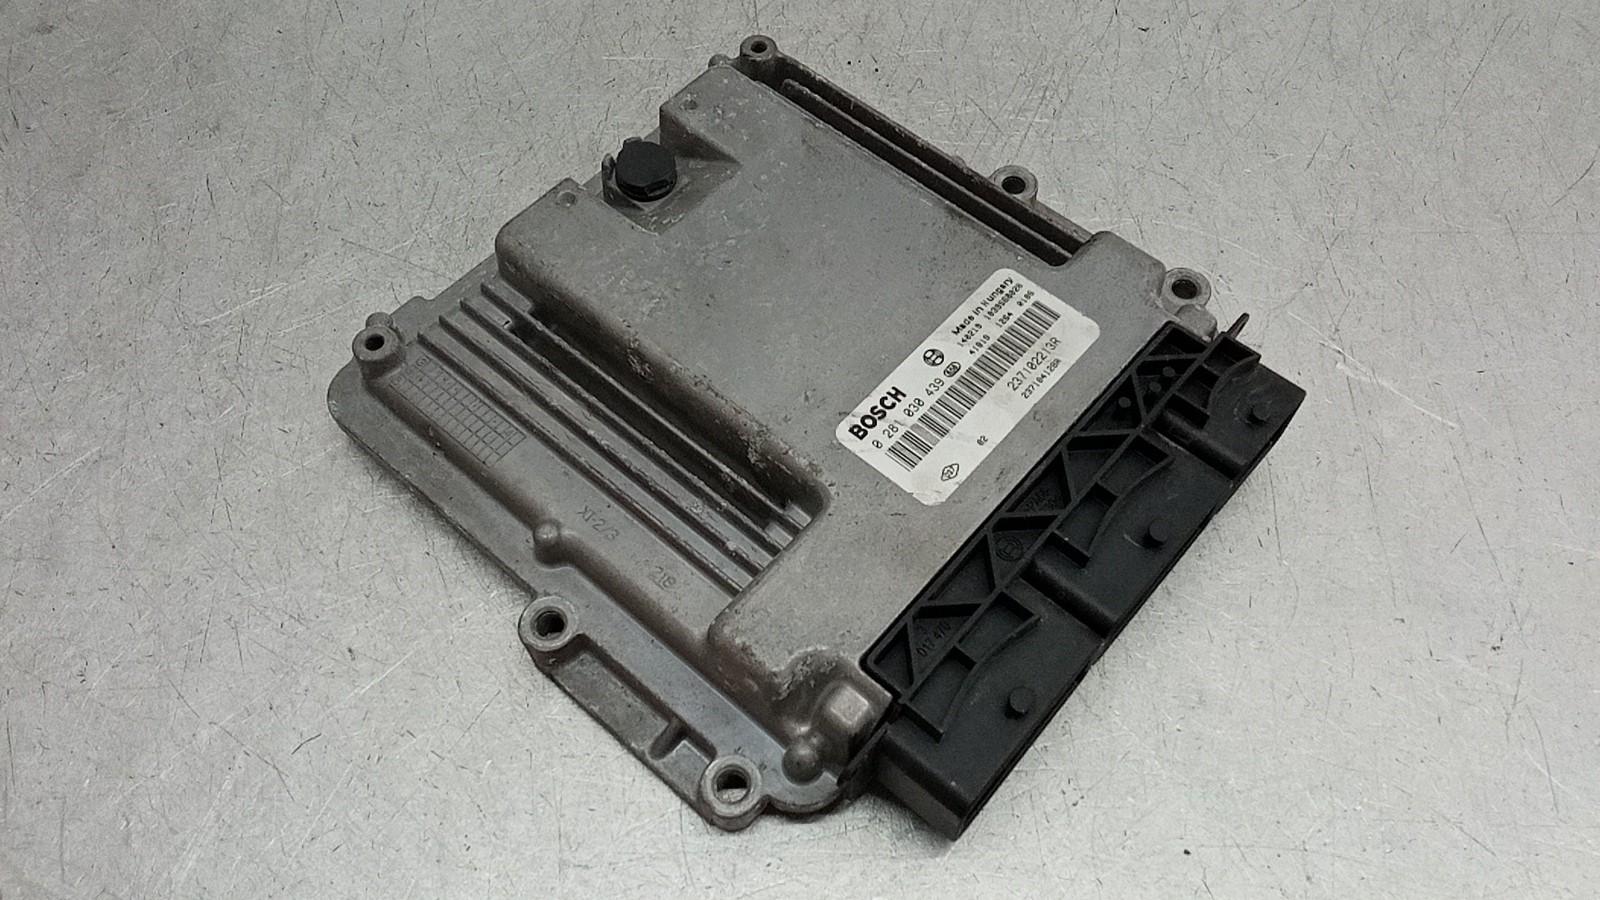 Centralina do Motor (20411811).